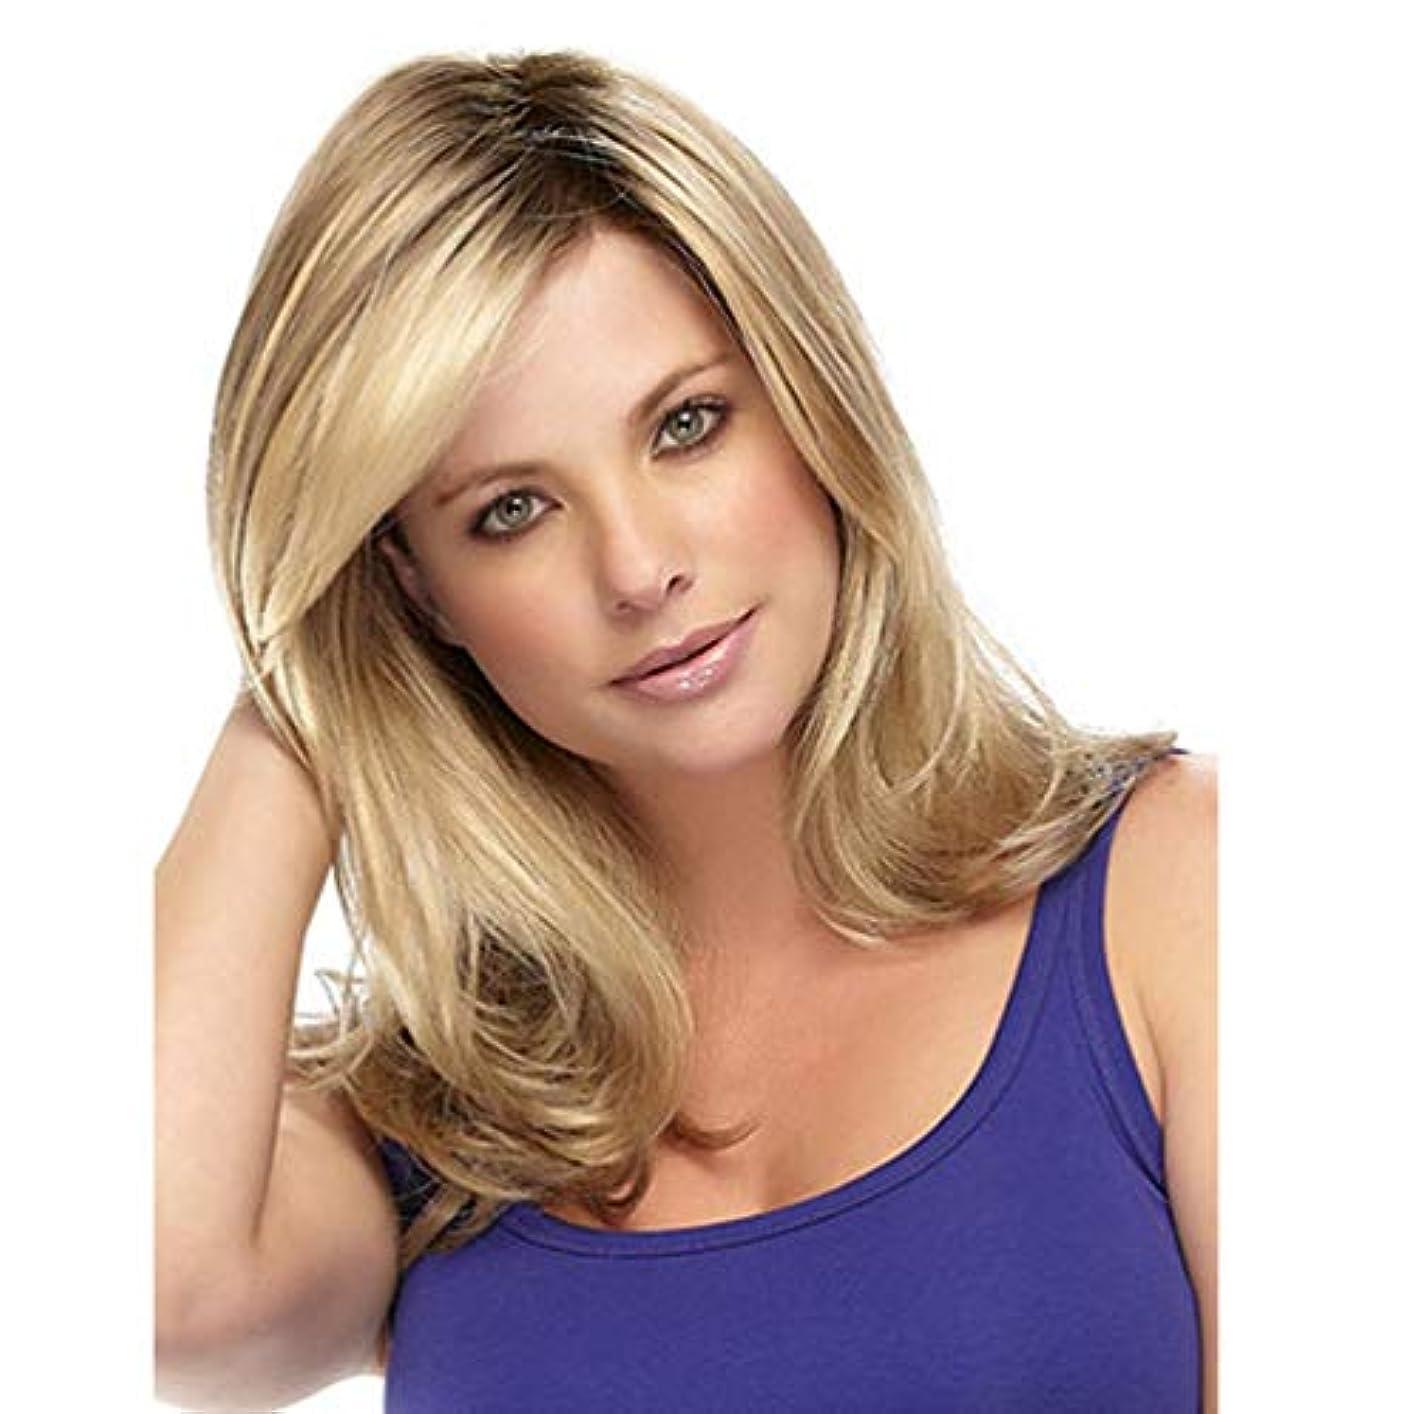 実施する敬の念下る女性ショートボブウェーブウィッグ150%密度高密度オンブル合成かつら漂白結び目耐熱繊維人間の髪の金20インチ